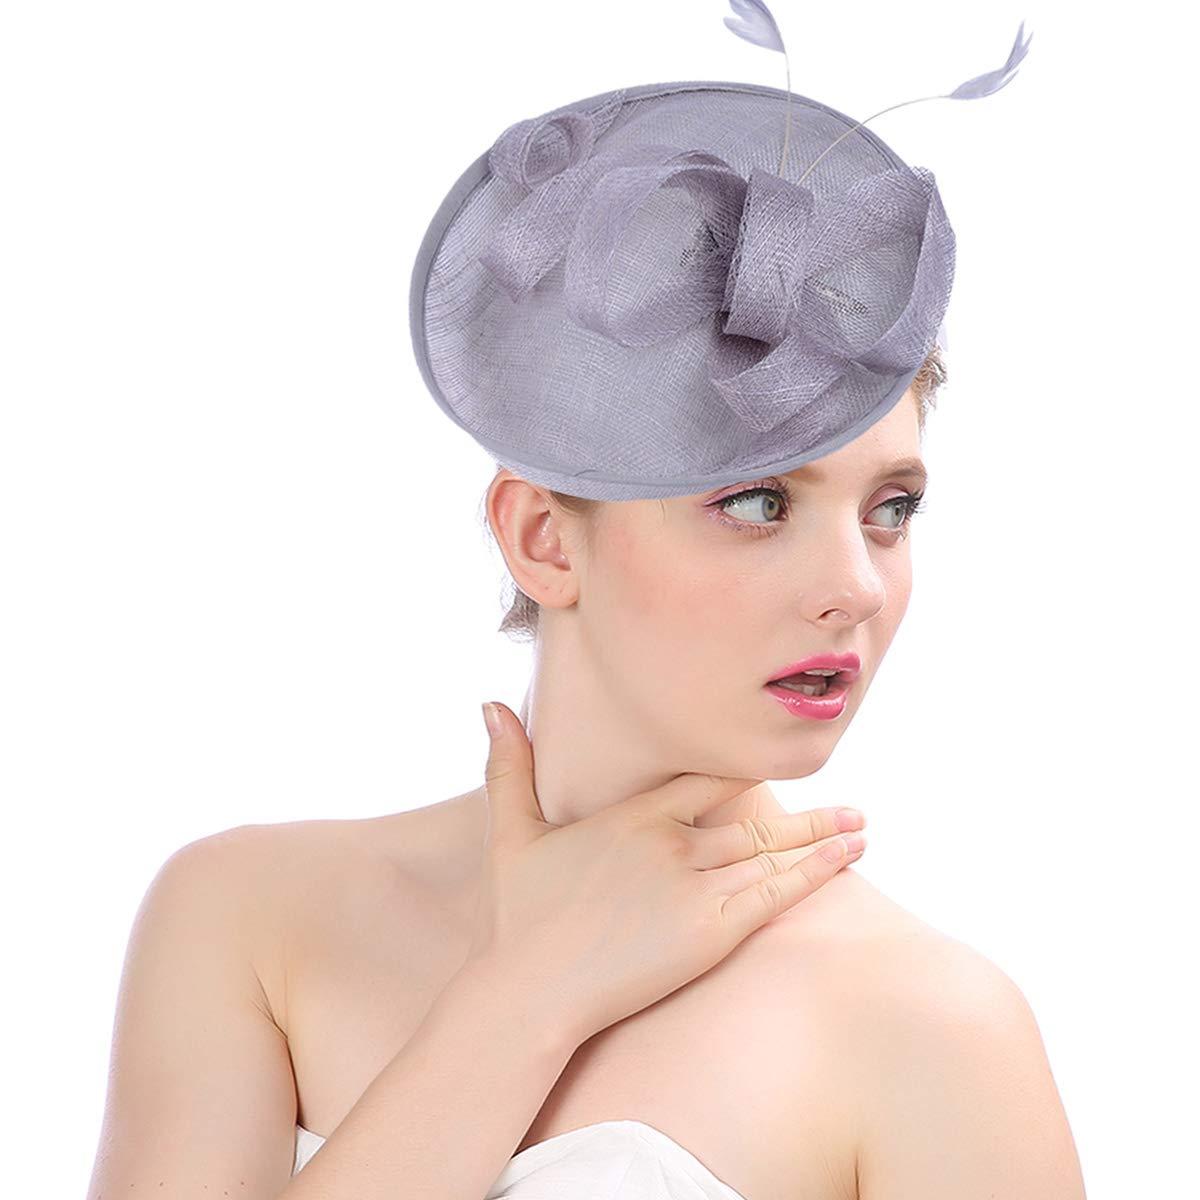 DORRISO Mujer Clip de Pelo Sombrero Flor para Boda Fiesta Decoración  CP-AL002 624ad14c28dc